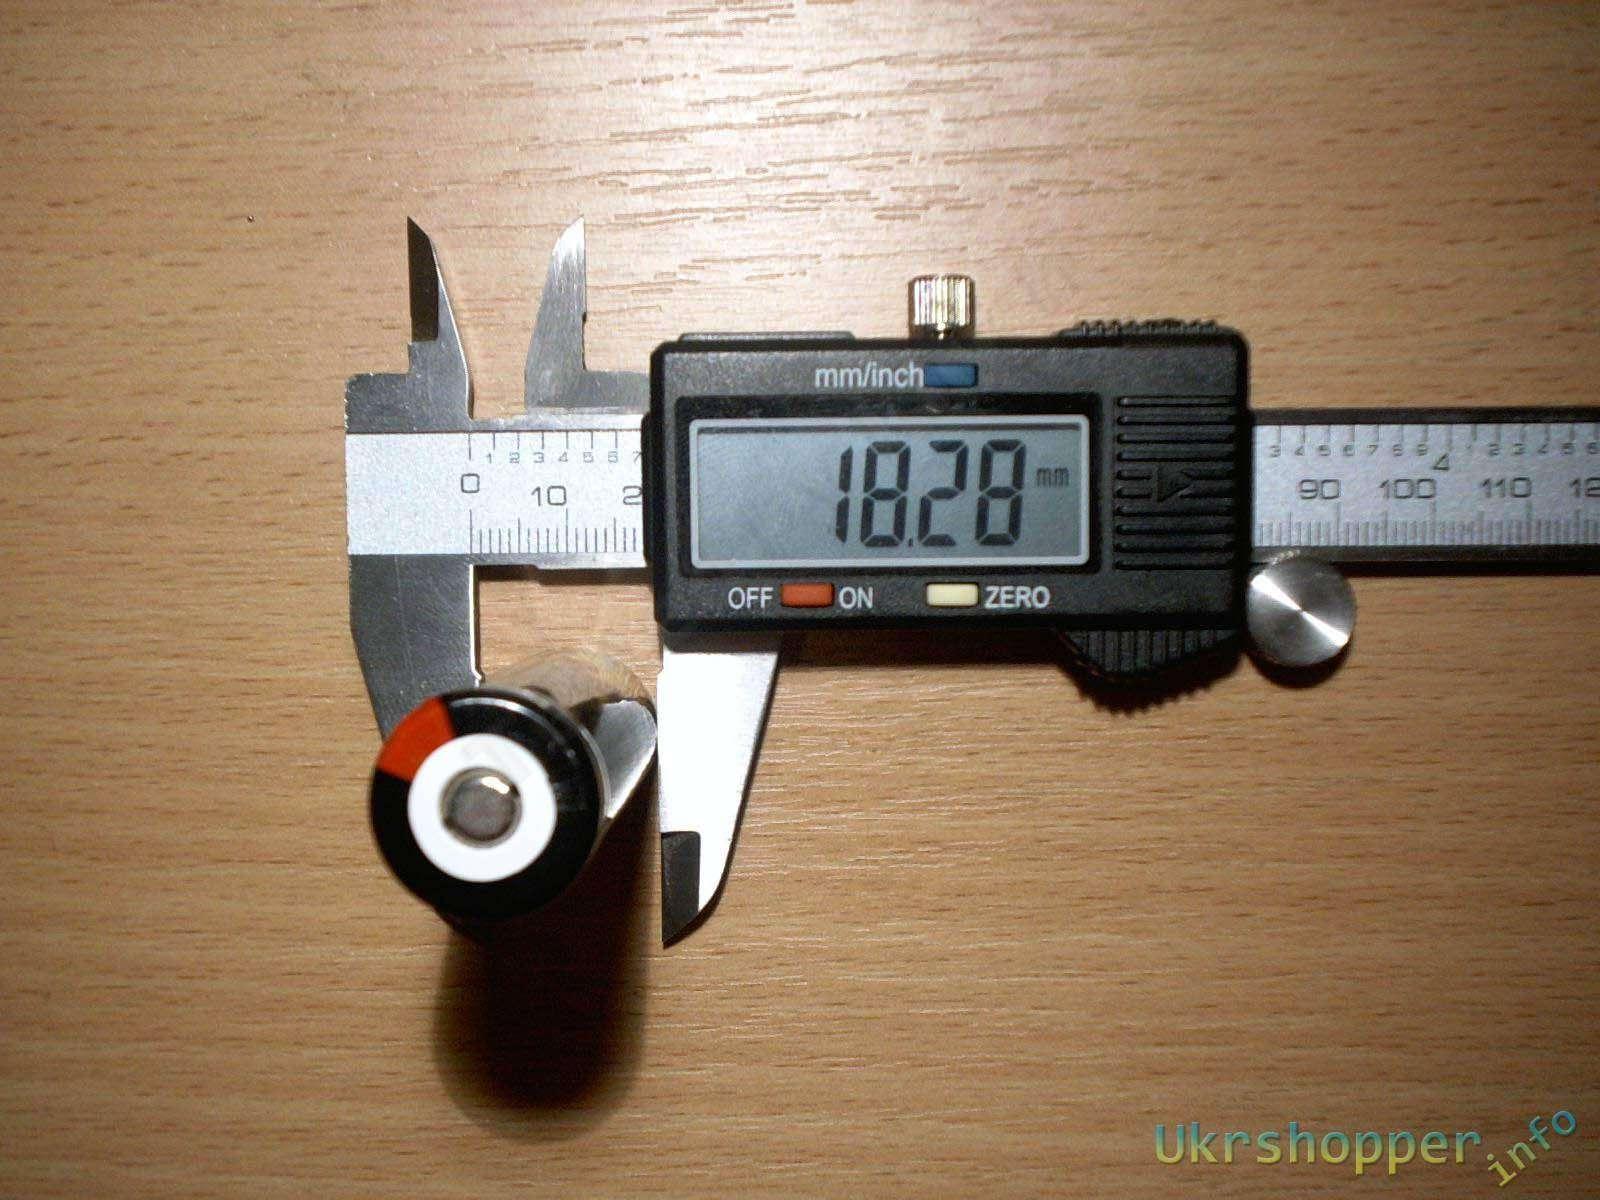 CninaBuye: TrustFire 18650 2400mAh, коротко, но как в аптеке.